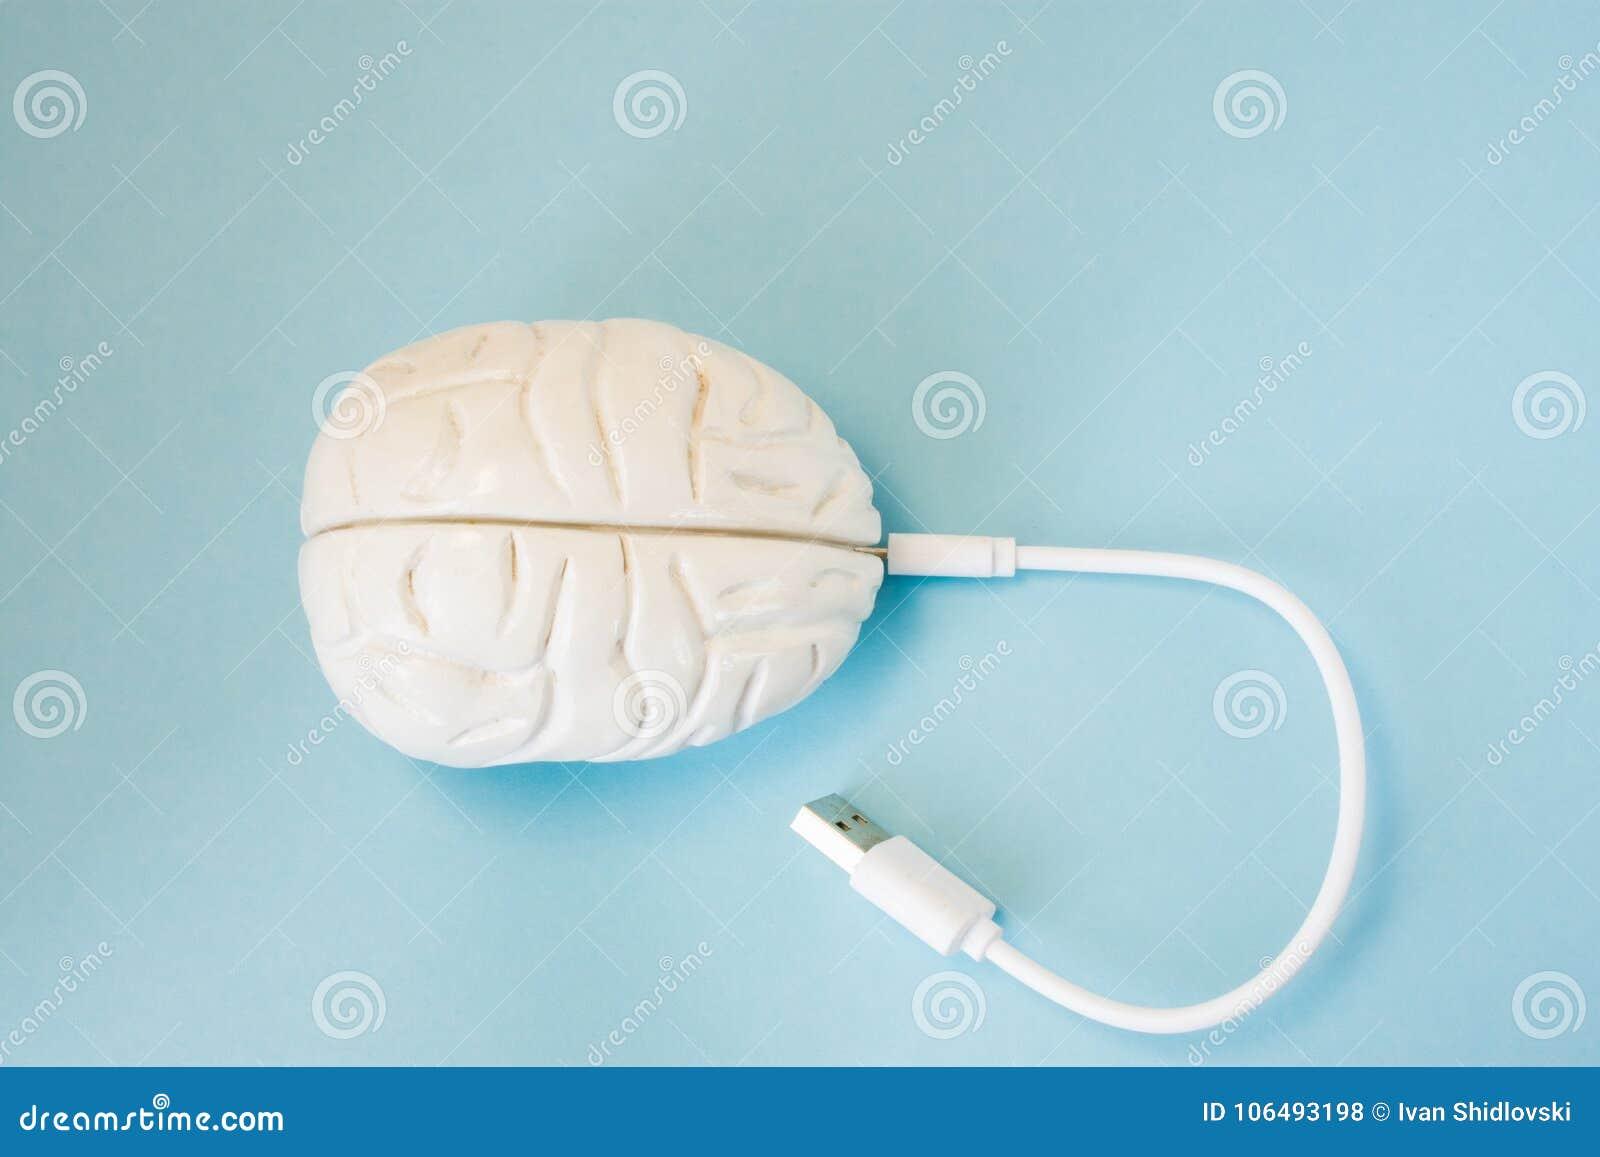 Мозг с введенный в провод штепсельной вилки гнезда или поручая шнур Технология концепции связала проволокой передачу данных, инфо